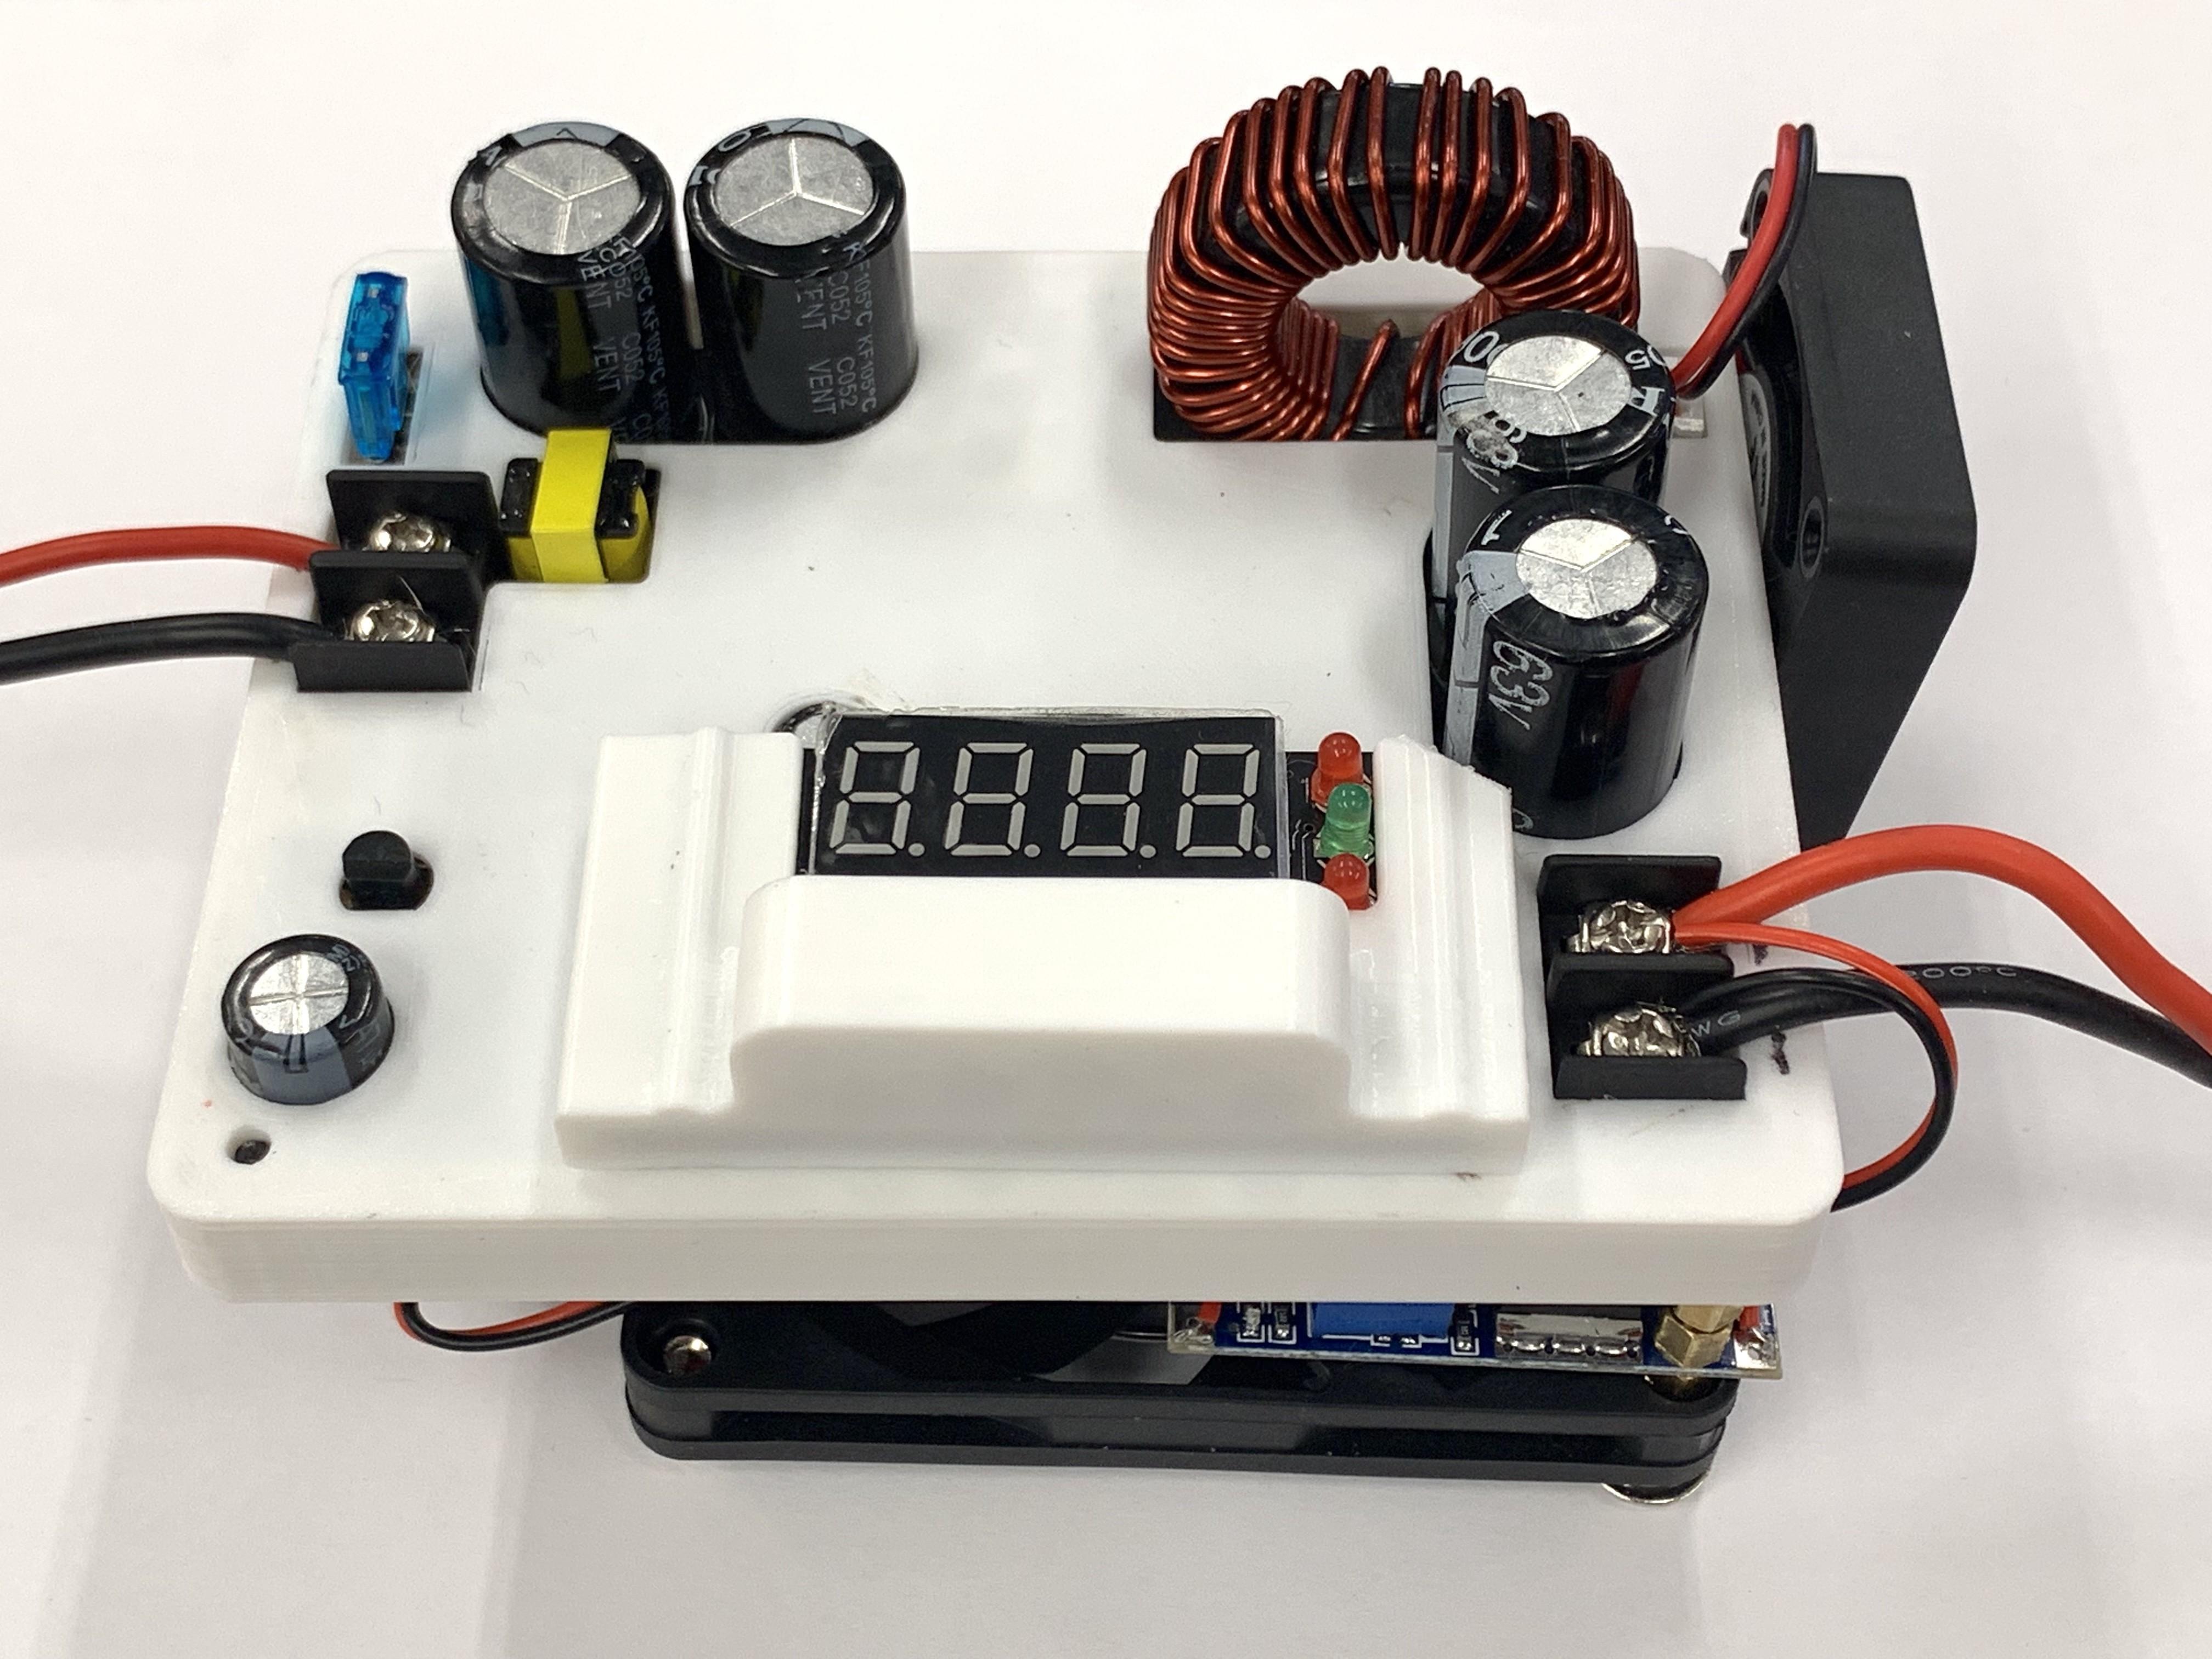 IMG_7679.jpg Download free STL file Case for Drok DKP6012 Buck Step-Down (60V 12A) • 3D printing model, Glutnard